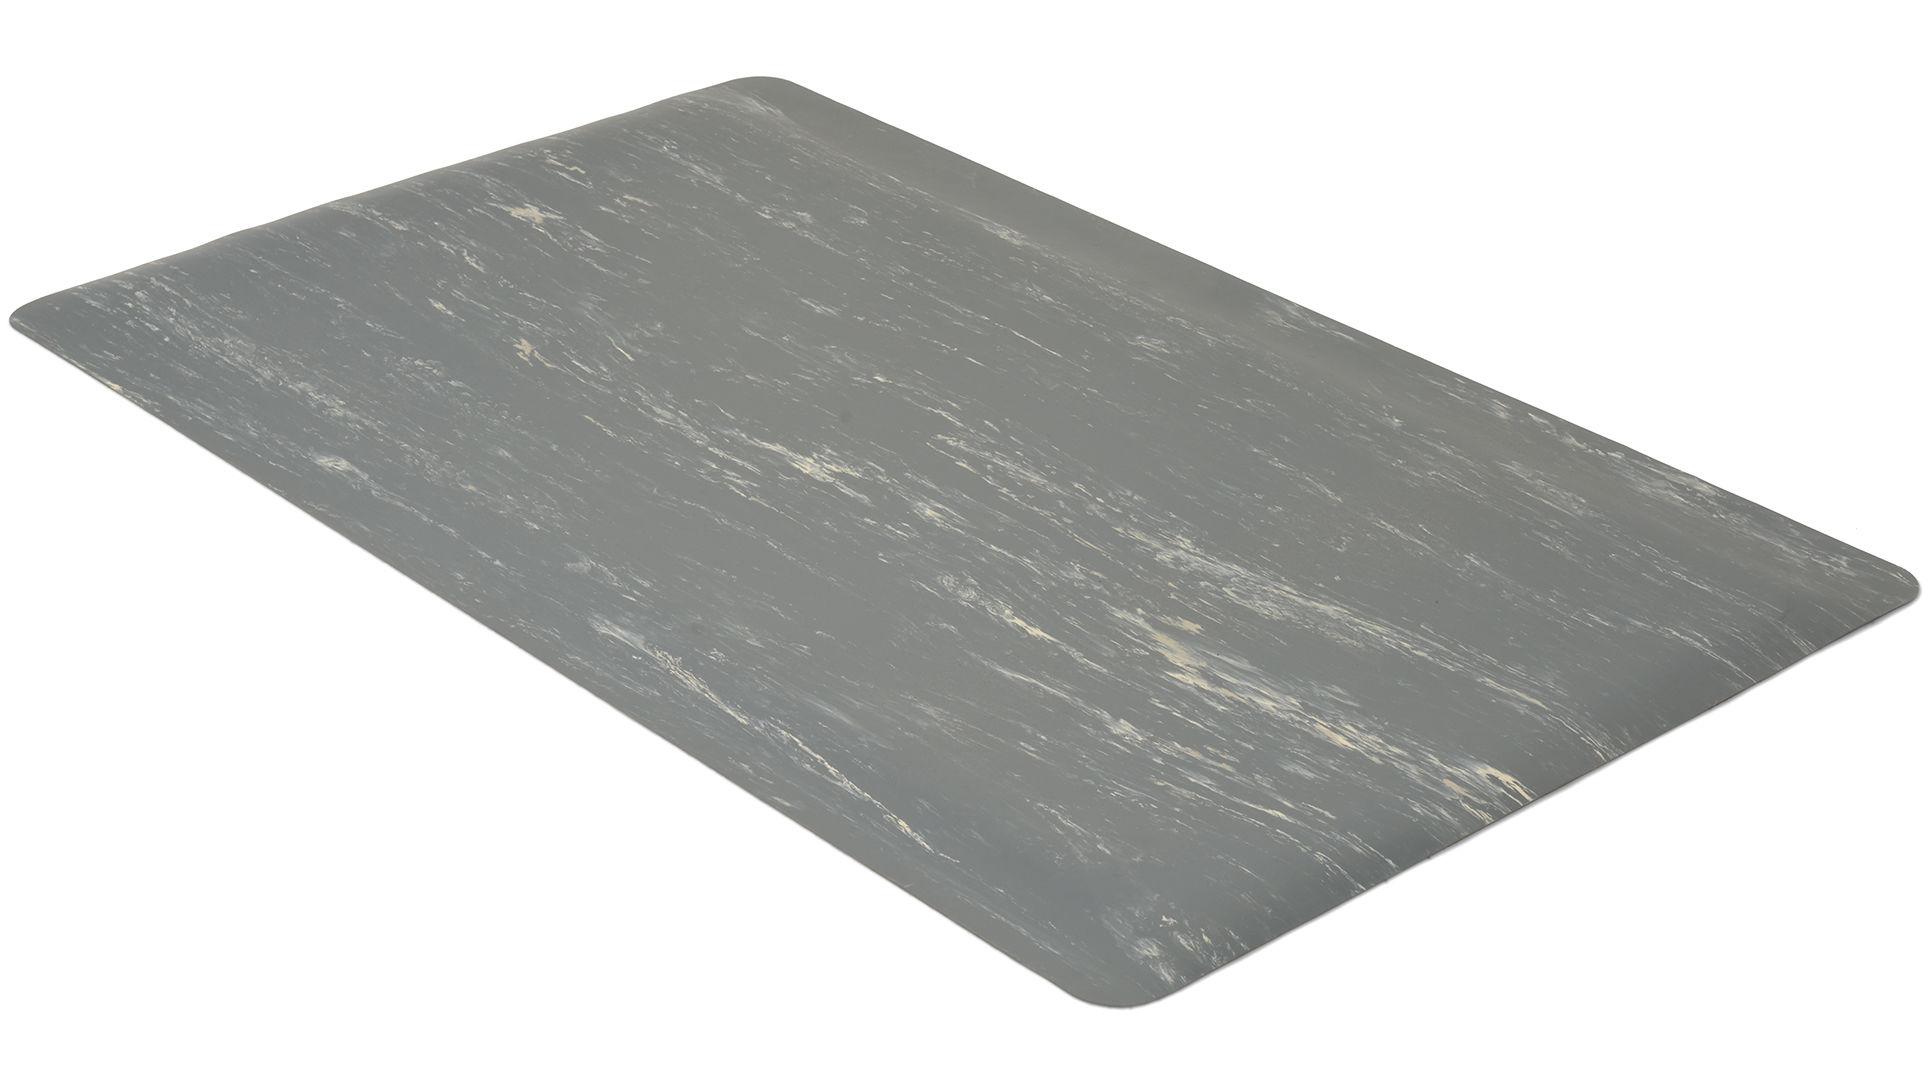 Marble foot - matte til arbeidsplassen